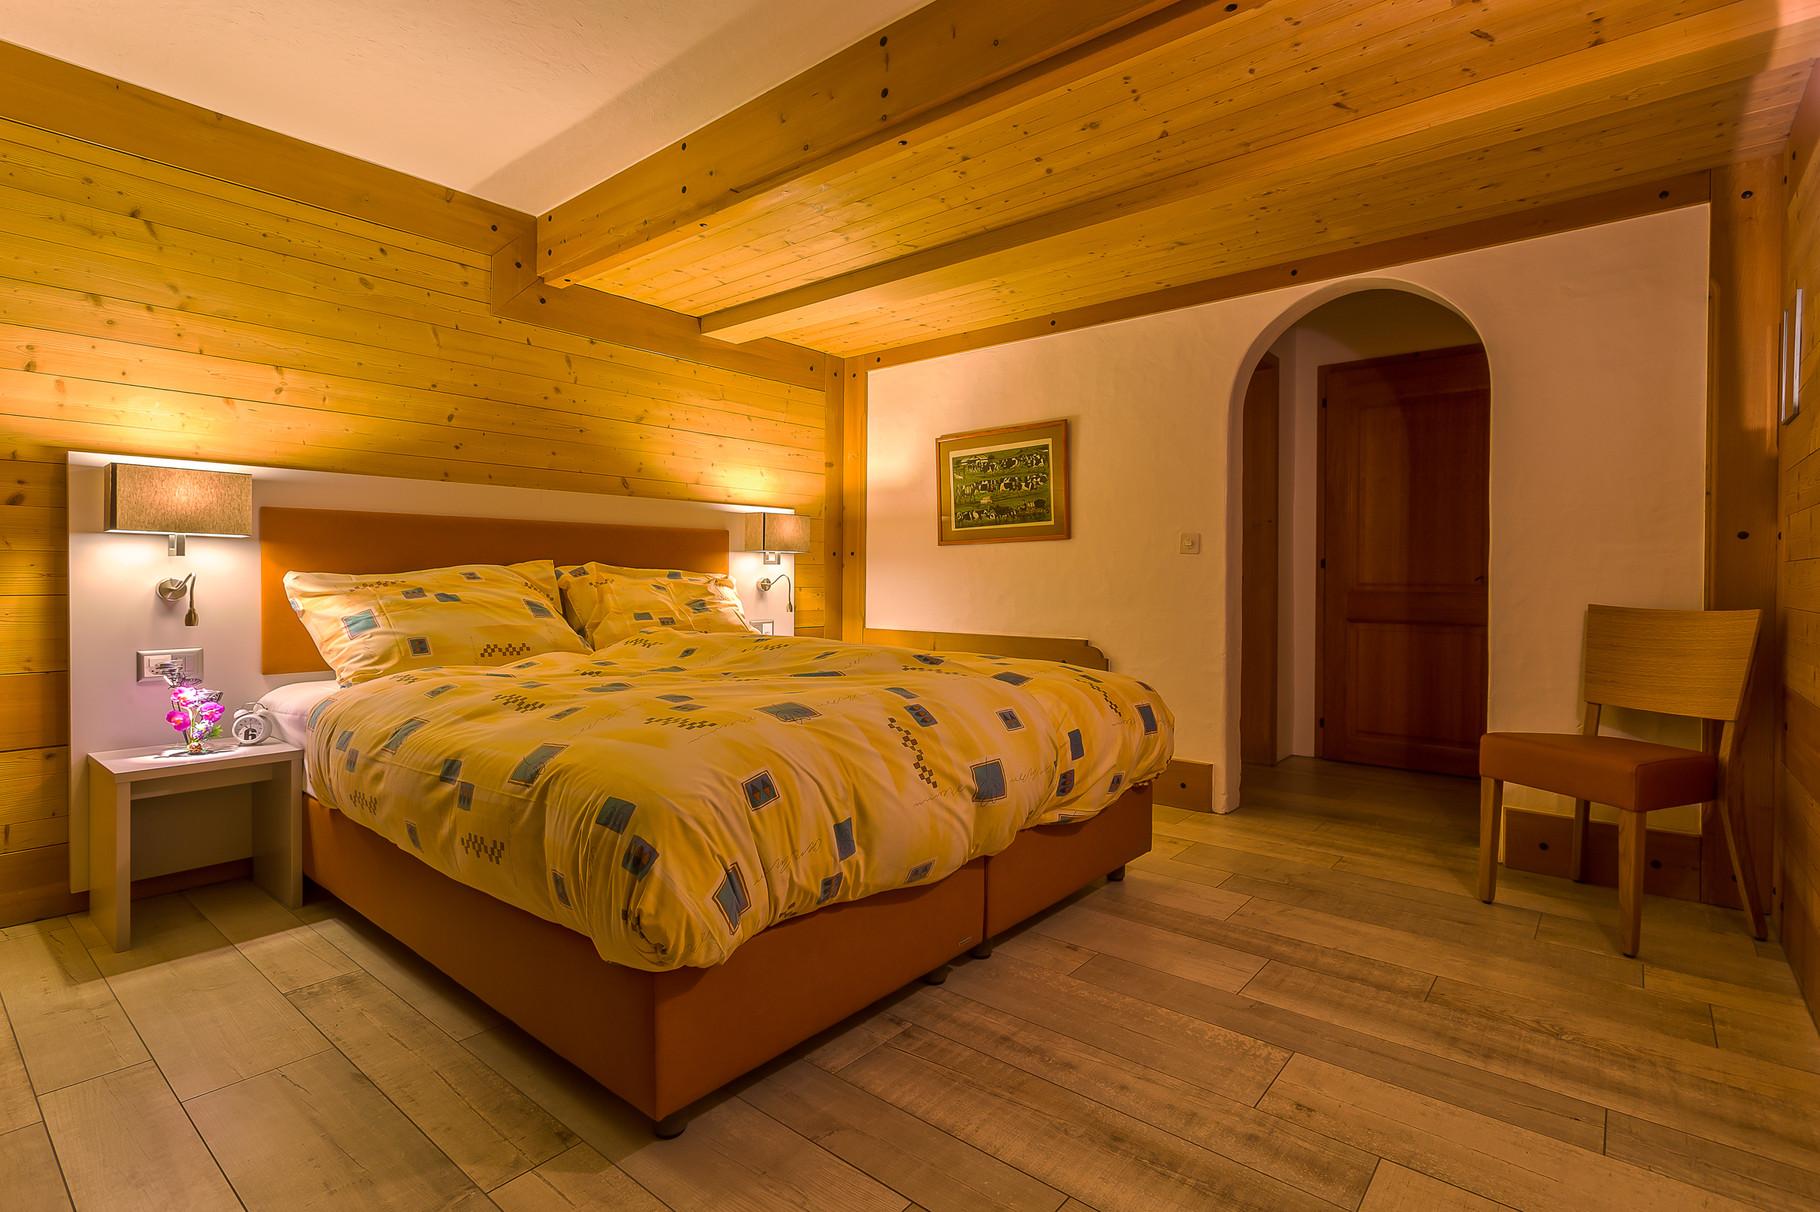 Le coin nuit, avec la possibilité d'avoir un grand lit ou 2 lits simples